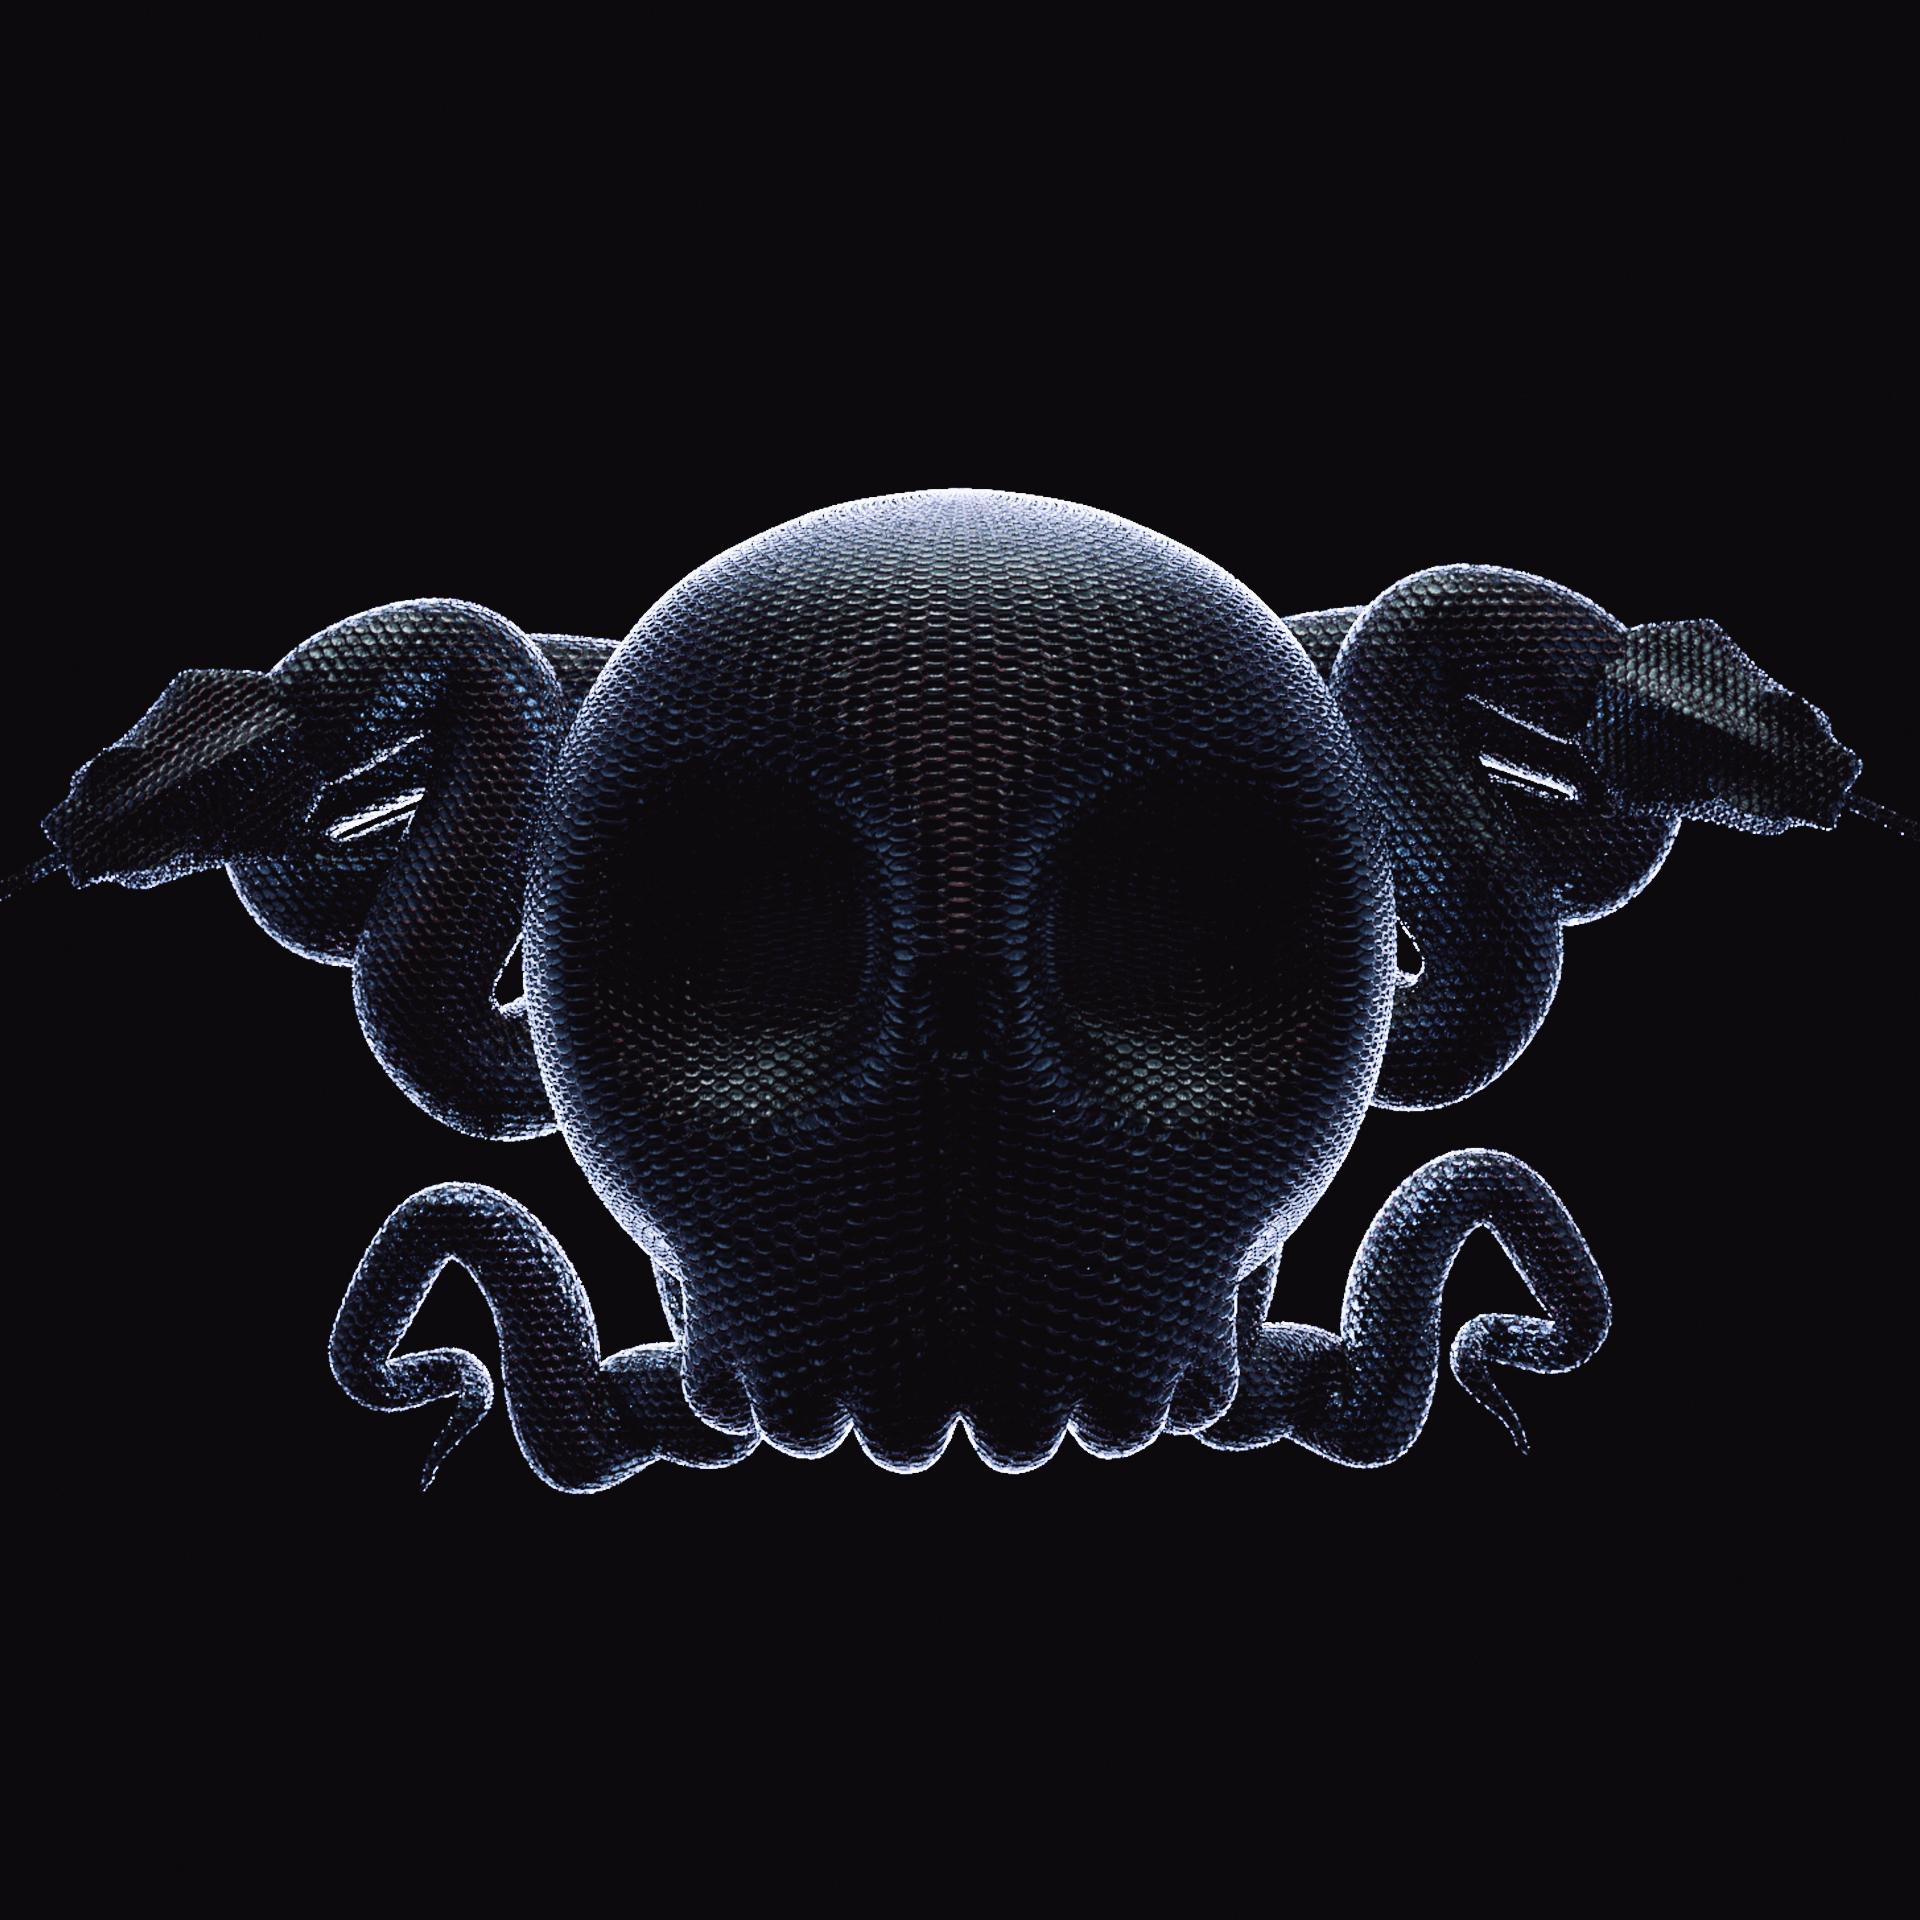 skull_snake_00001.jpg